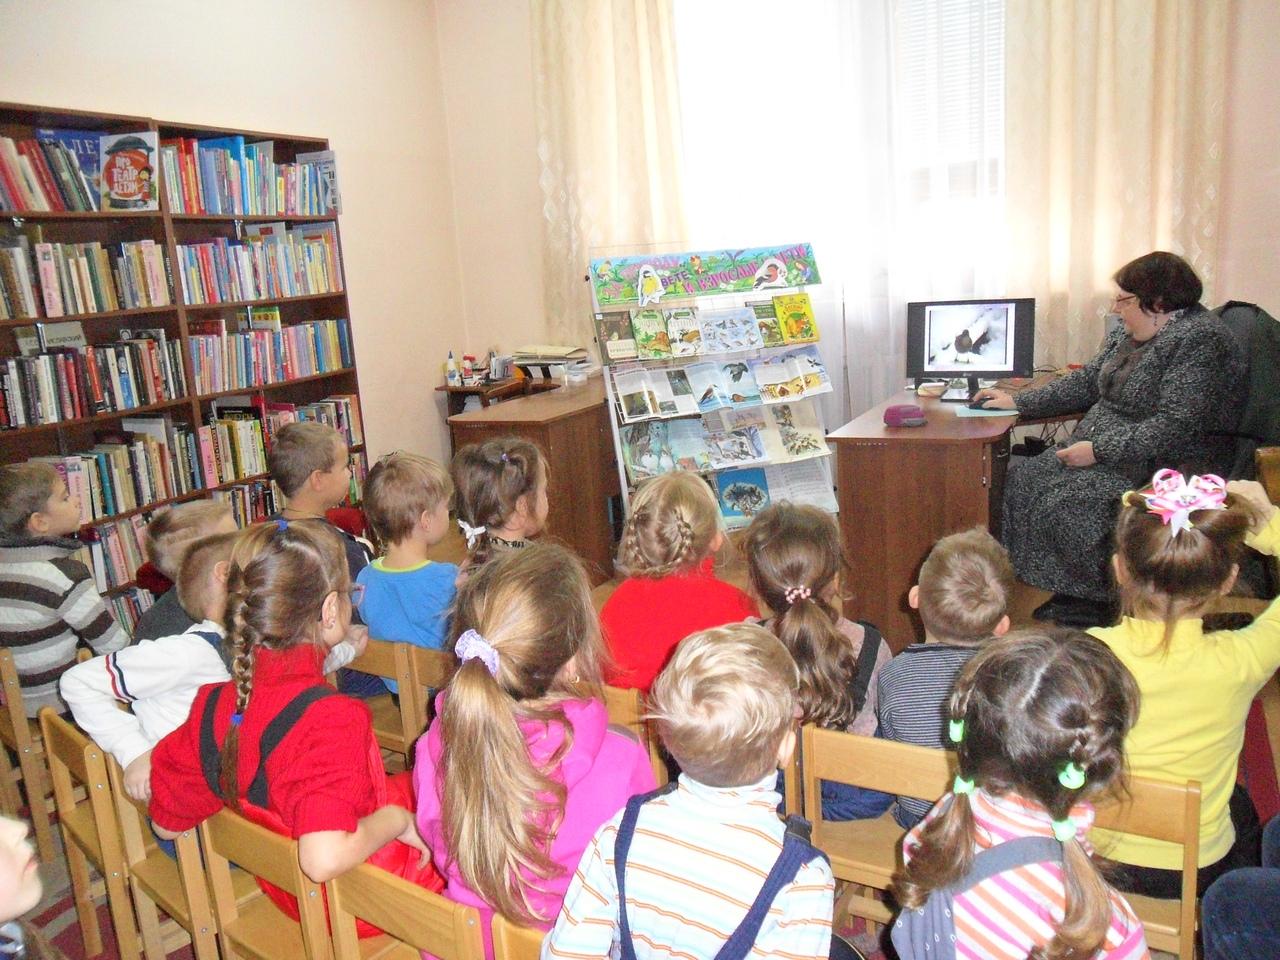 донецкая республиканская библиотека для детей, отдел искусств, с библиотекой интересно, экологическое воспитание детей